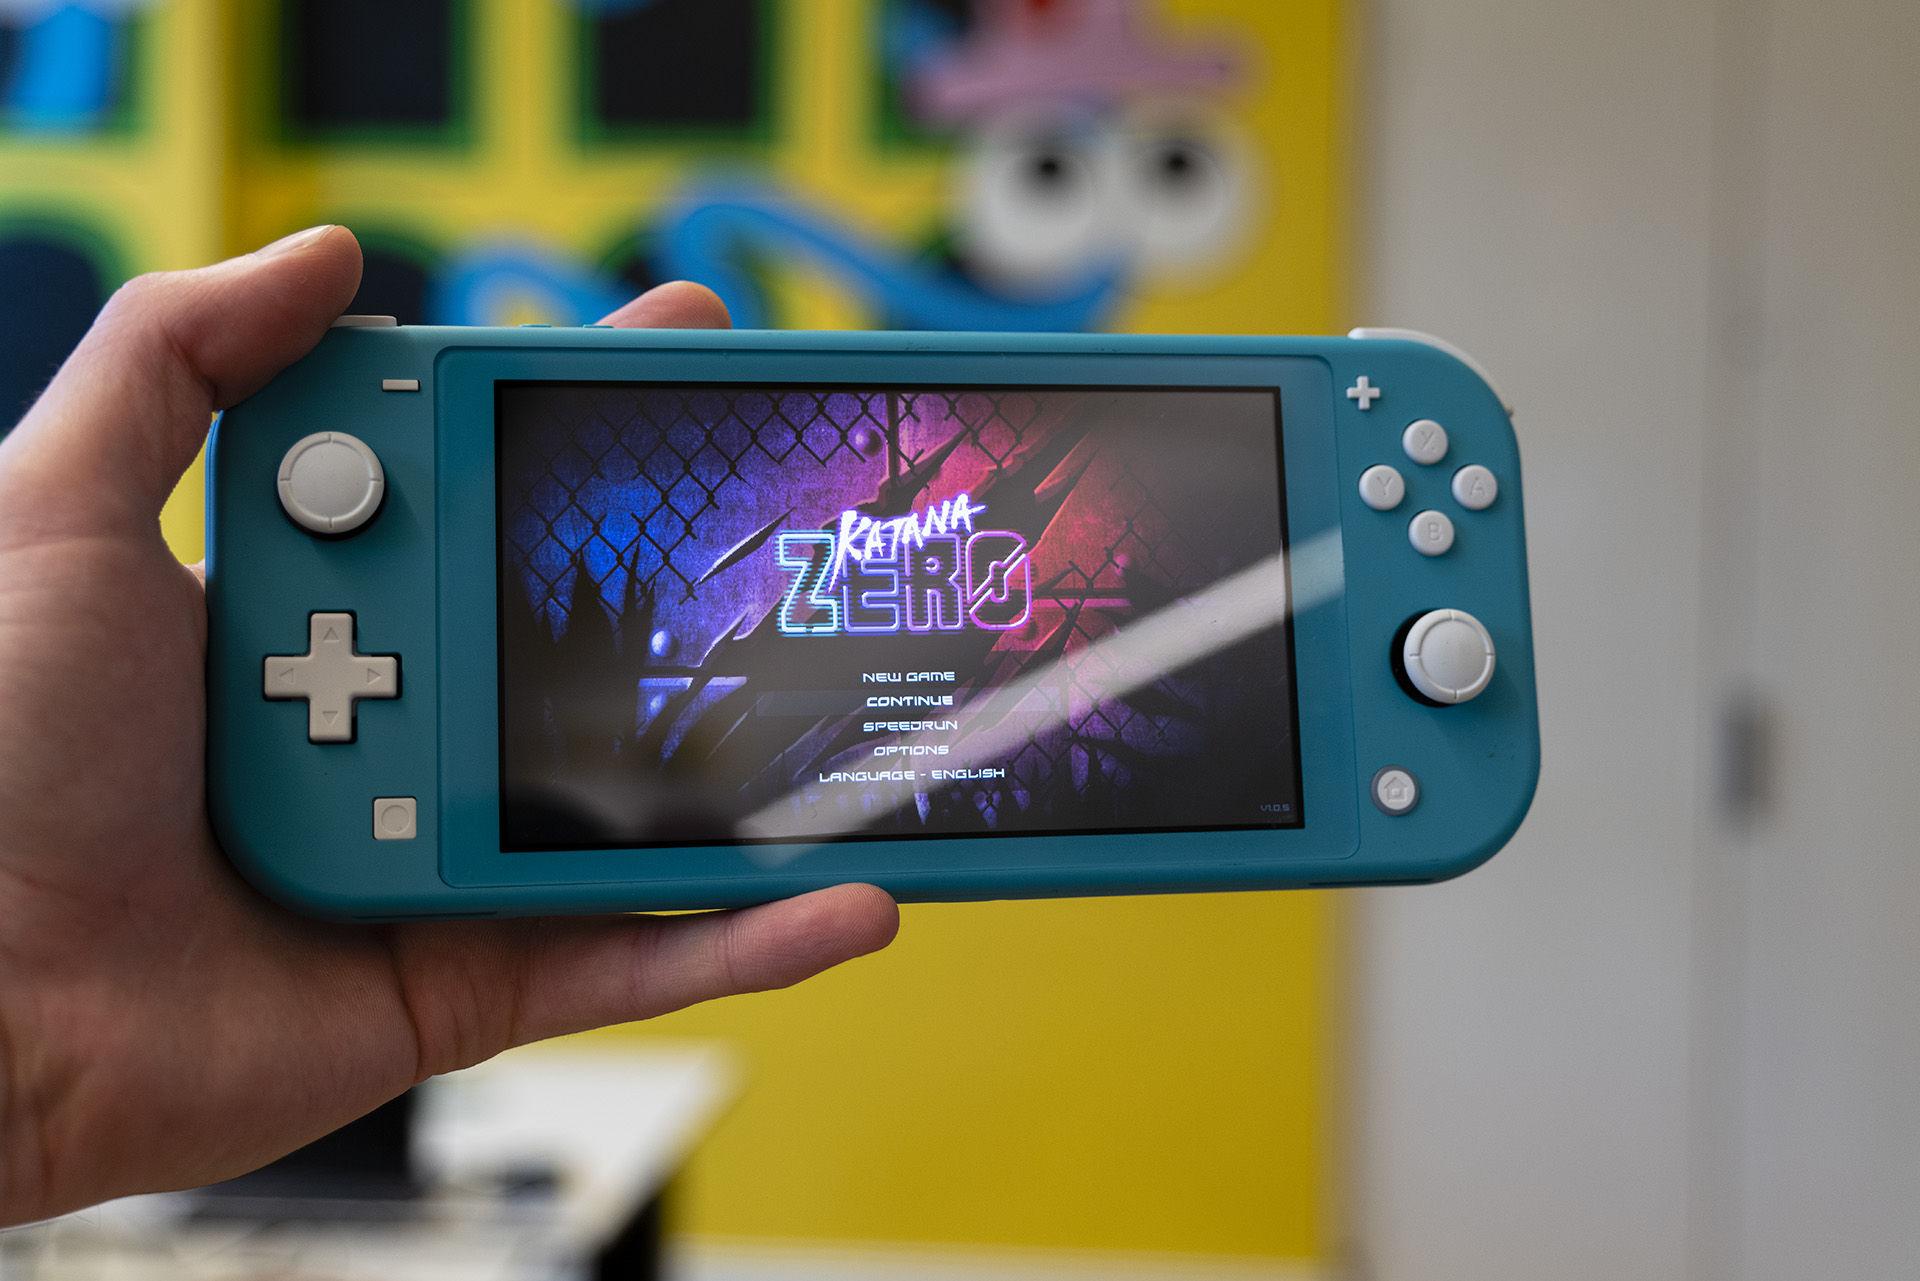 Nintendo Switch Lite känns helrätt för portabelt spelande